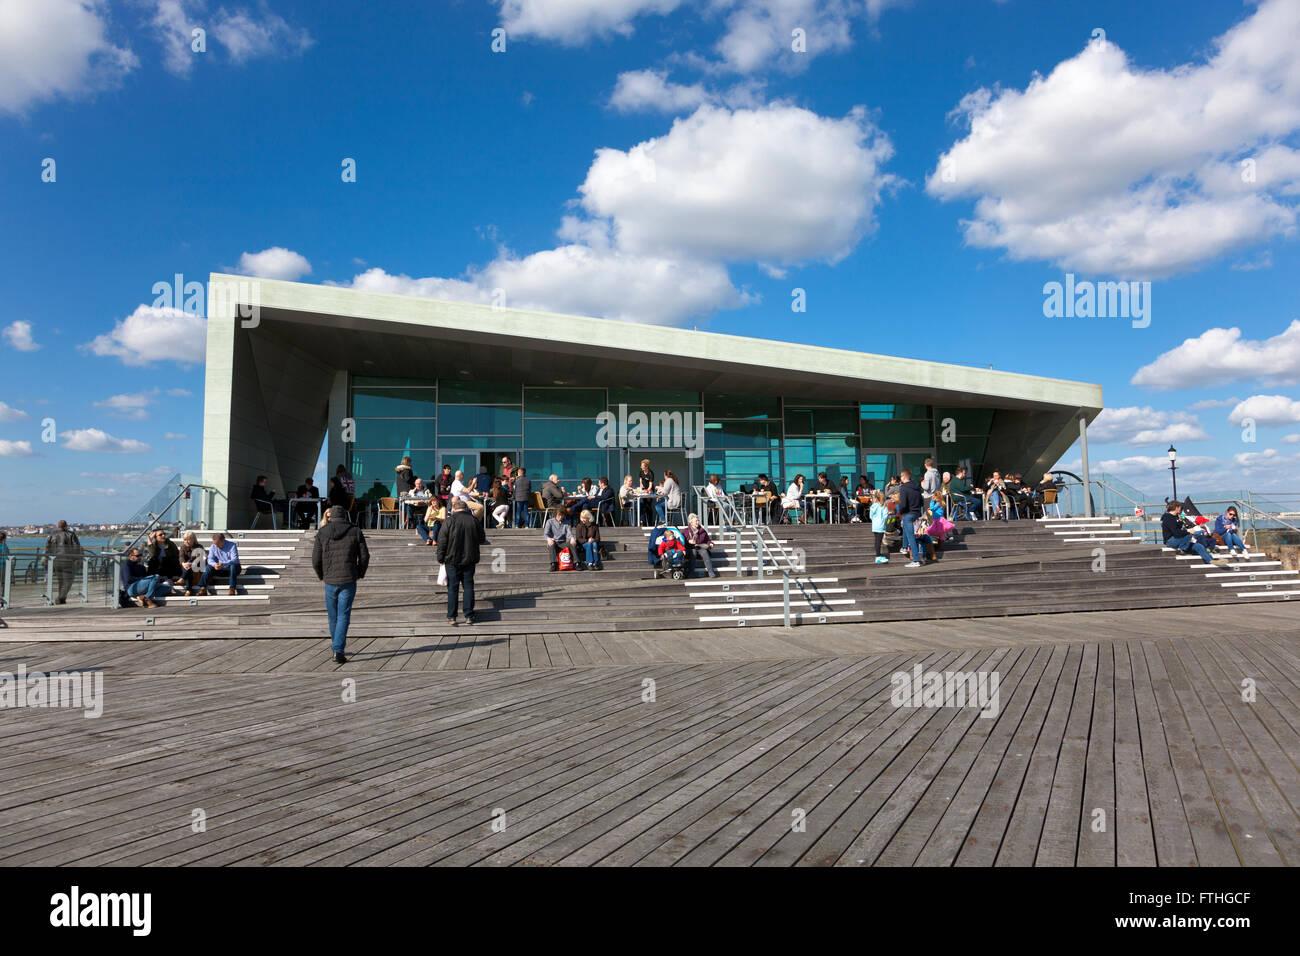 Southend Pier Royal Pavilion, Southend-on-Sea, UK - Stock Image